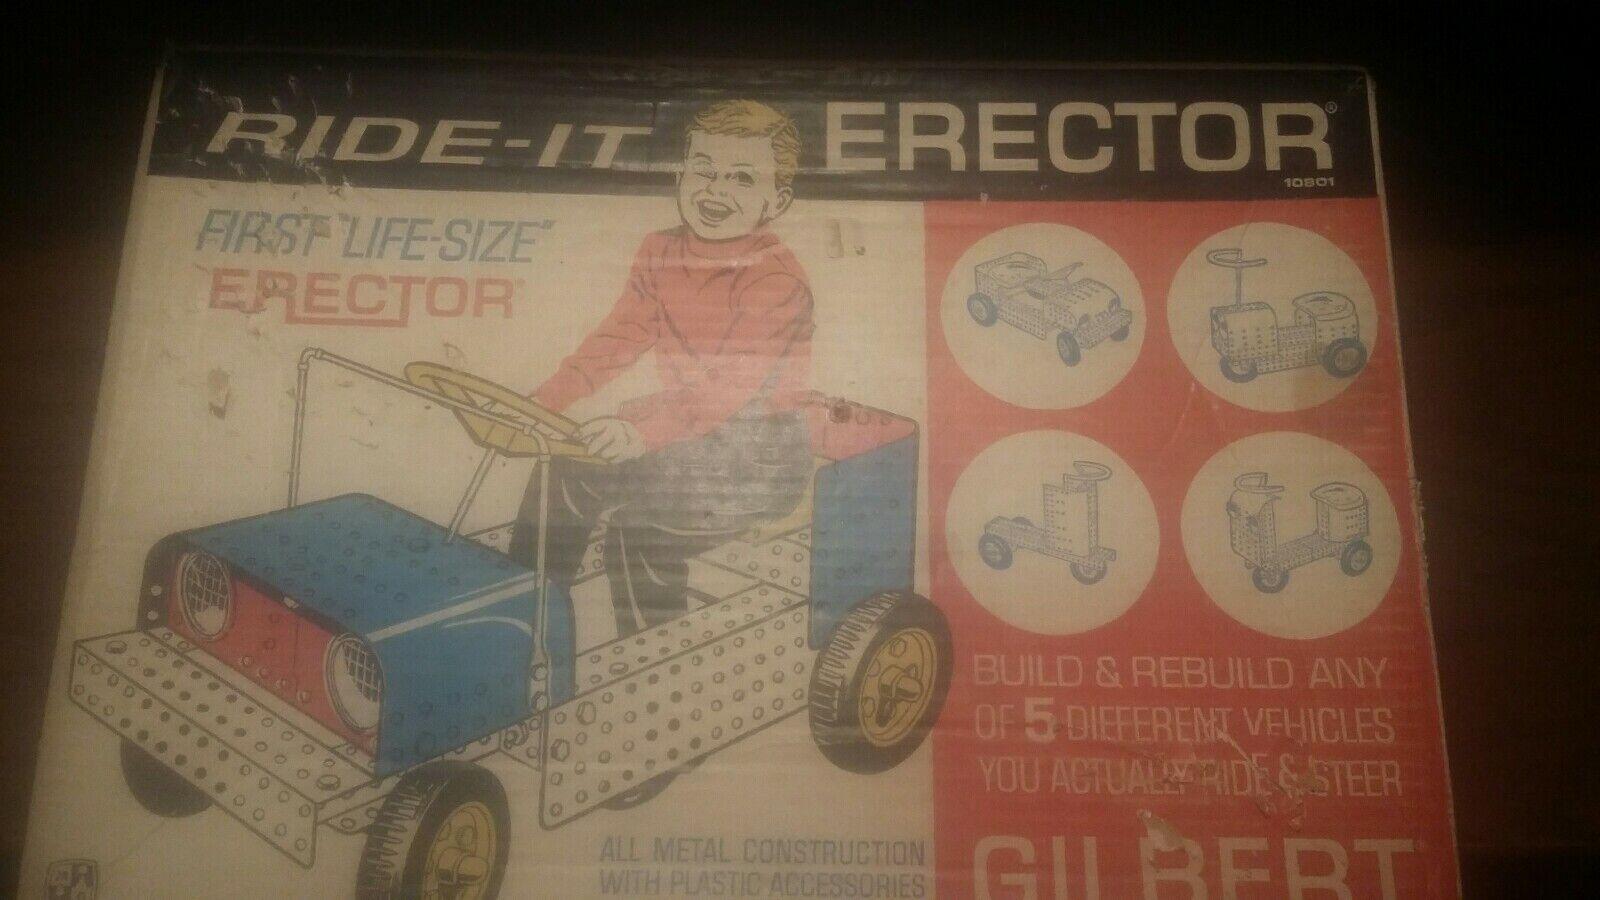 Gilbert montarlo Erector tamaño real 1965 en Caja 10801 vehículos Jeep 5 en 1